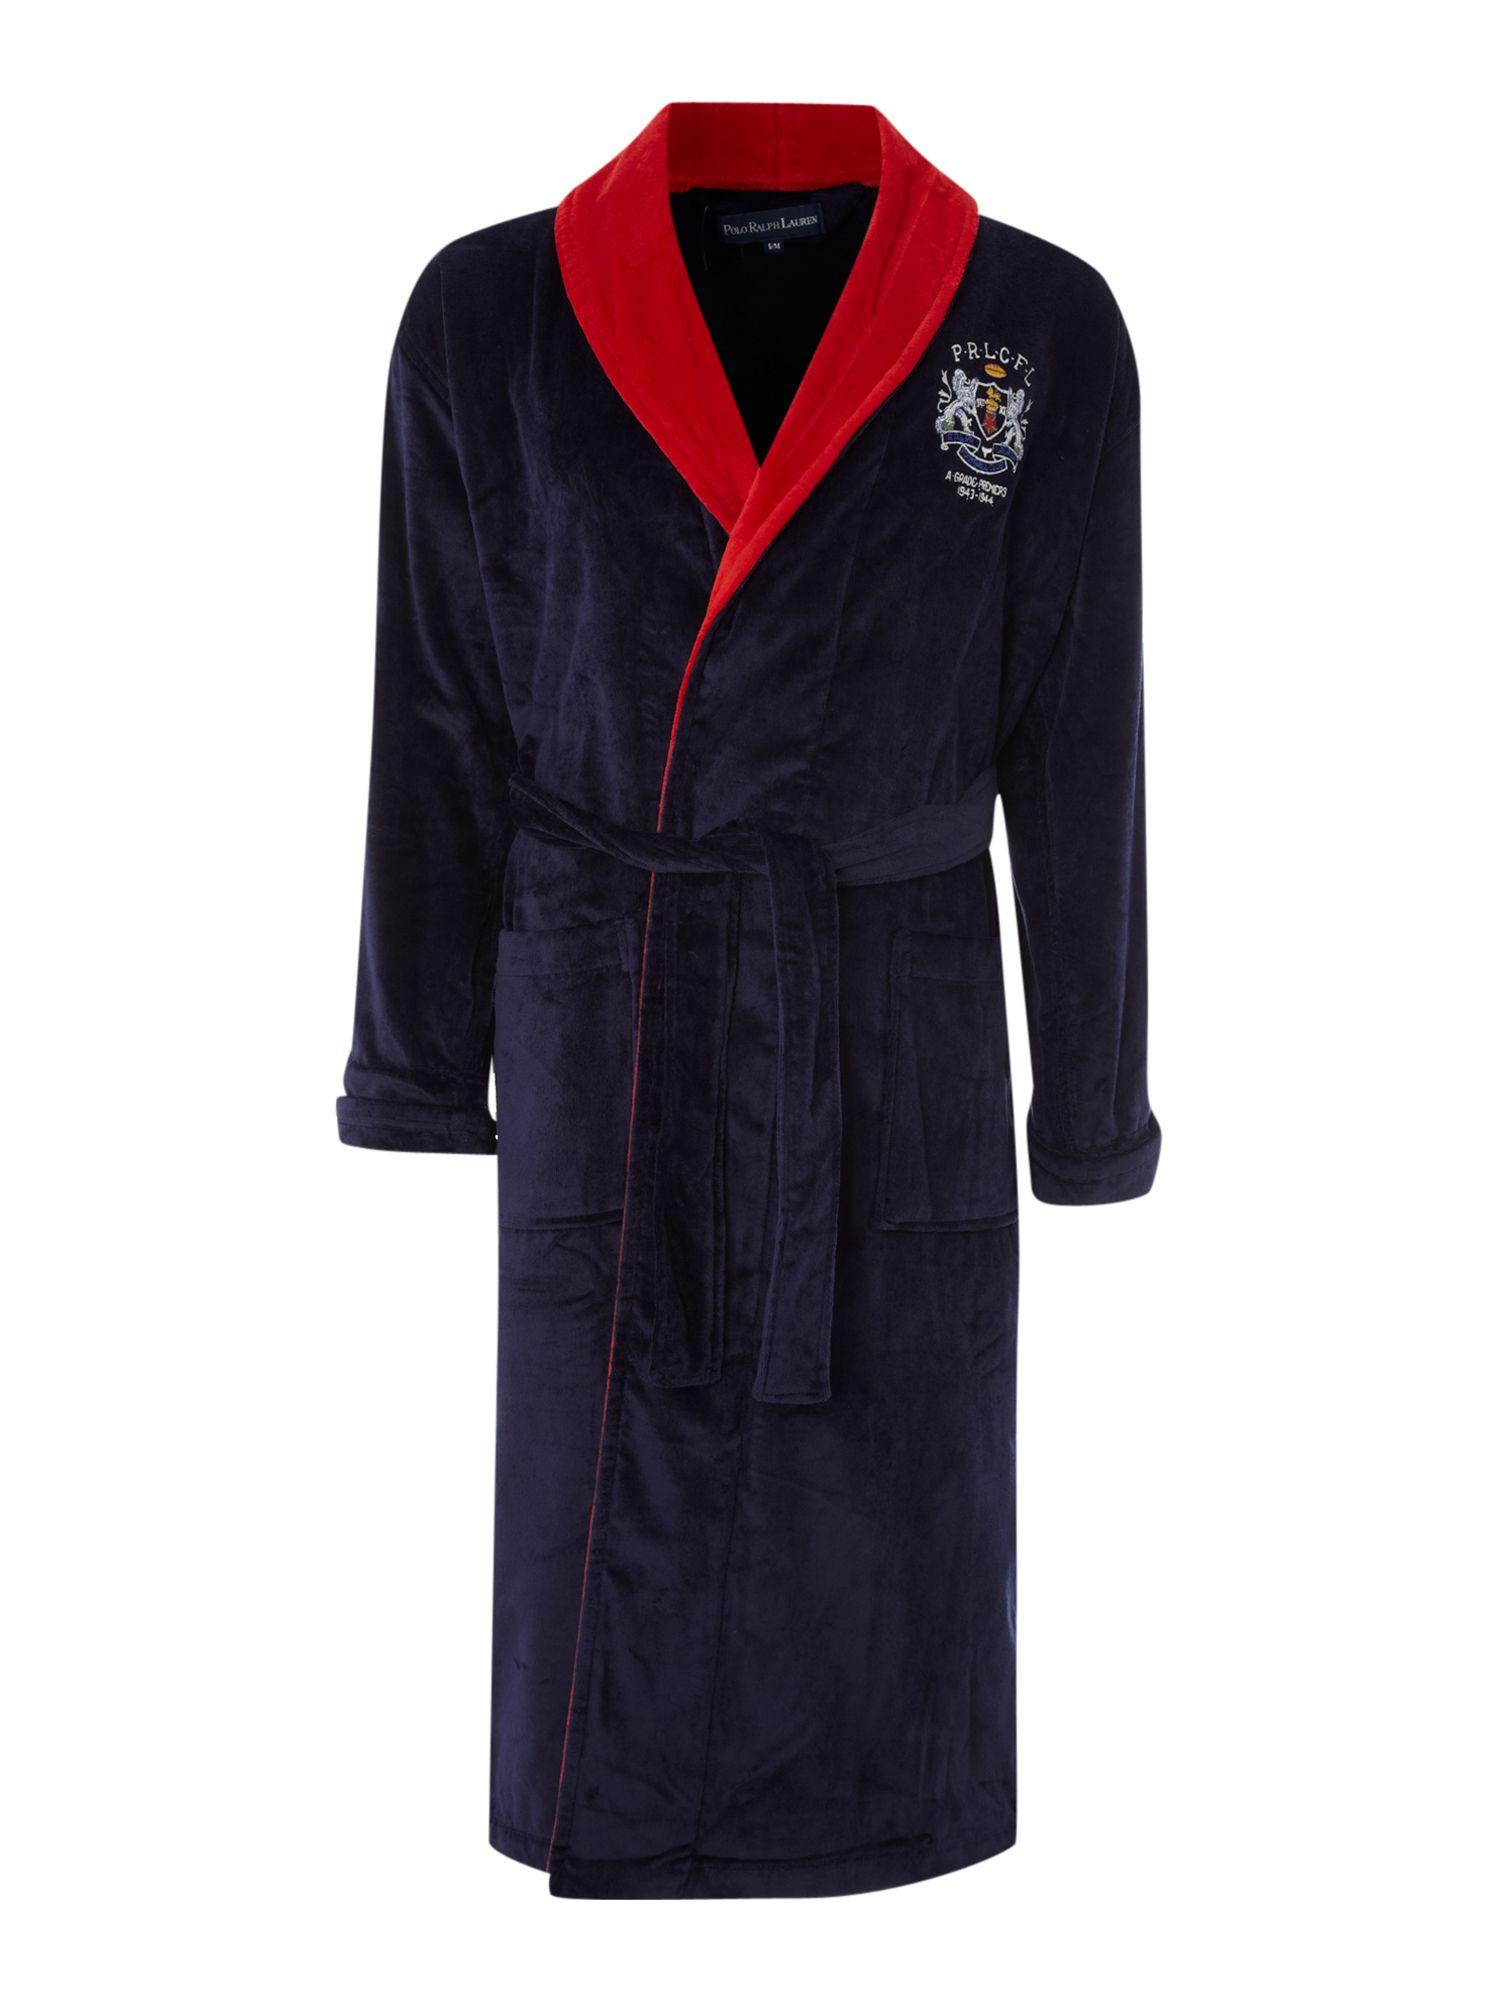 Polo ralph lauren contrast collar robe in blue for men lyst for Robe chemise ralph lauren